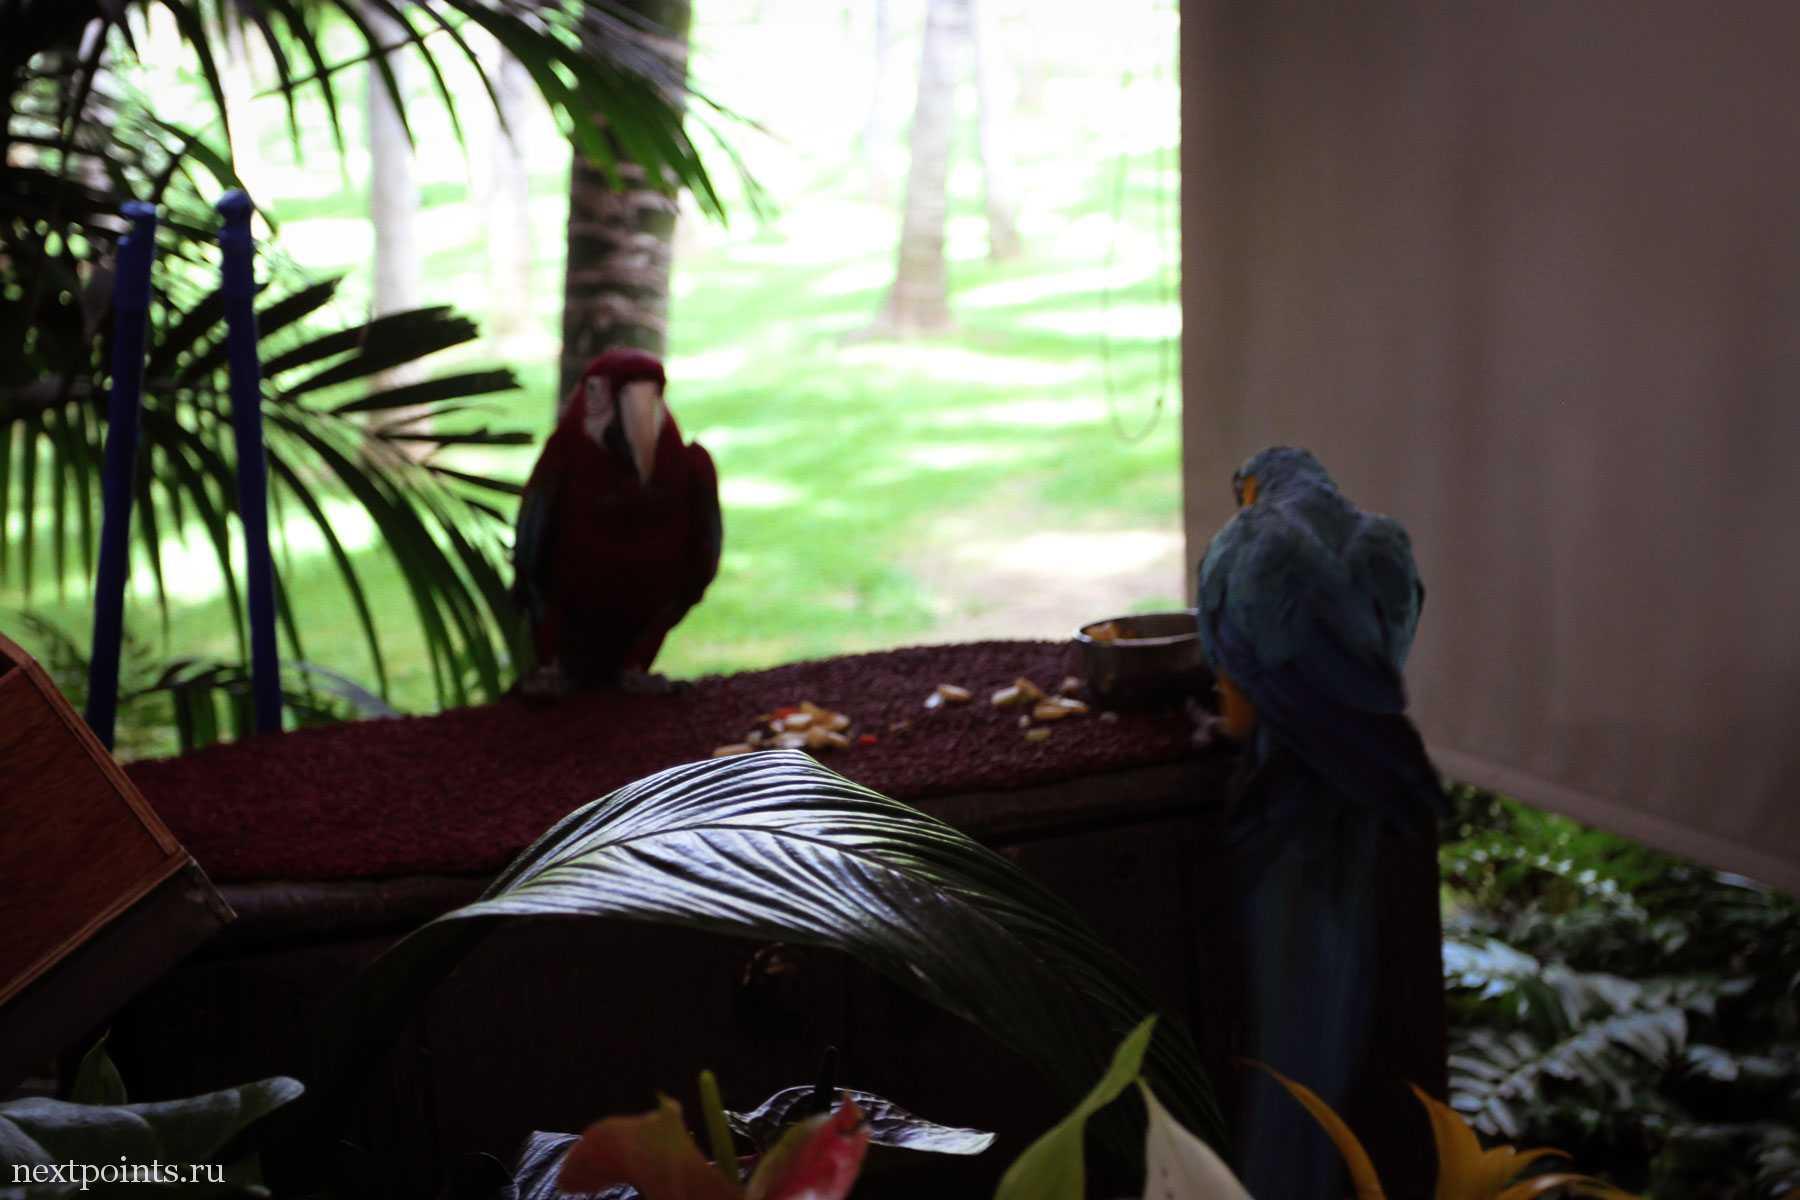 Попугаи, с которыми можно сфотографироваться, взяв на руку